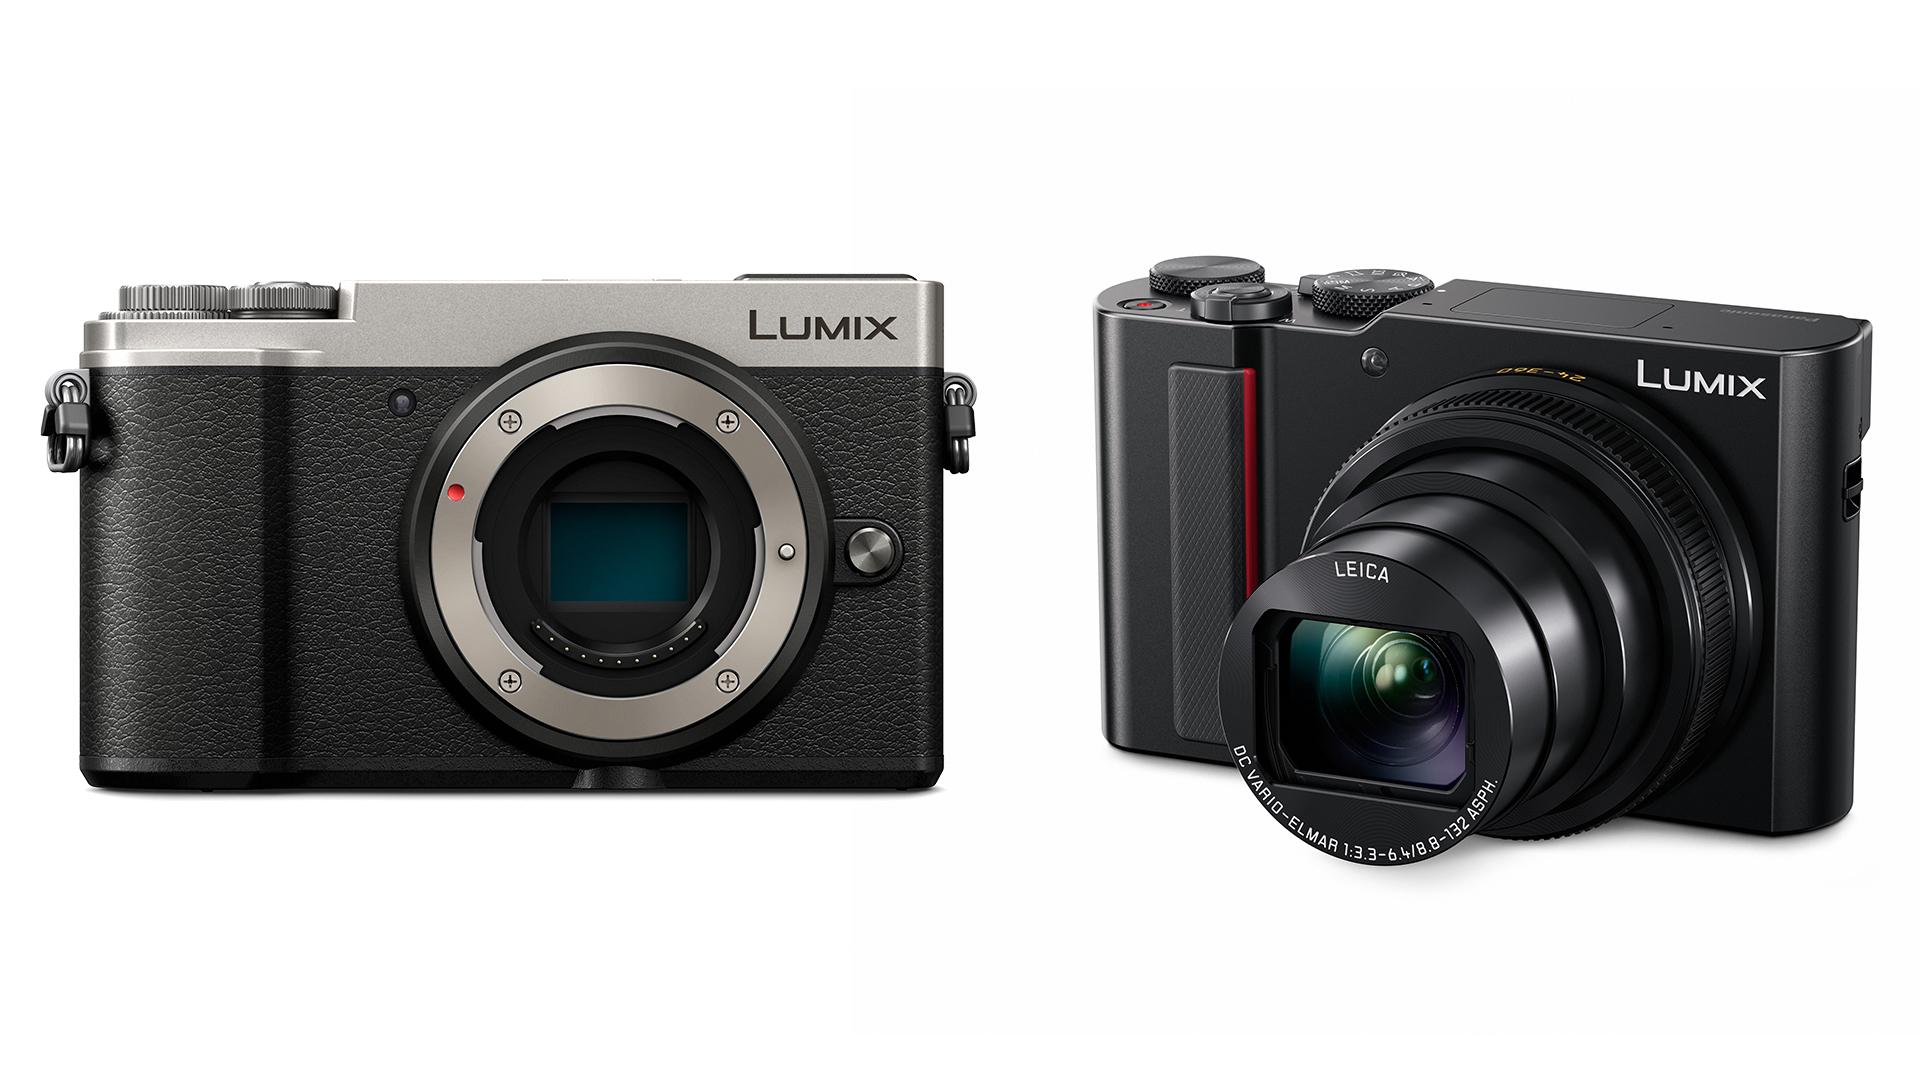 パナソニックが海外でLUMIX GX9とTZ200を発表